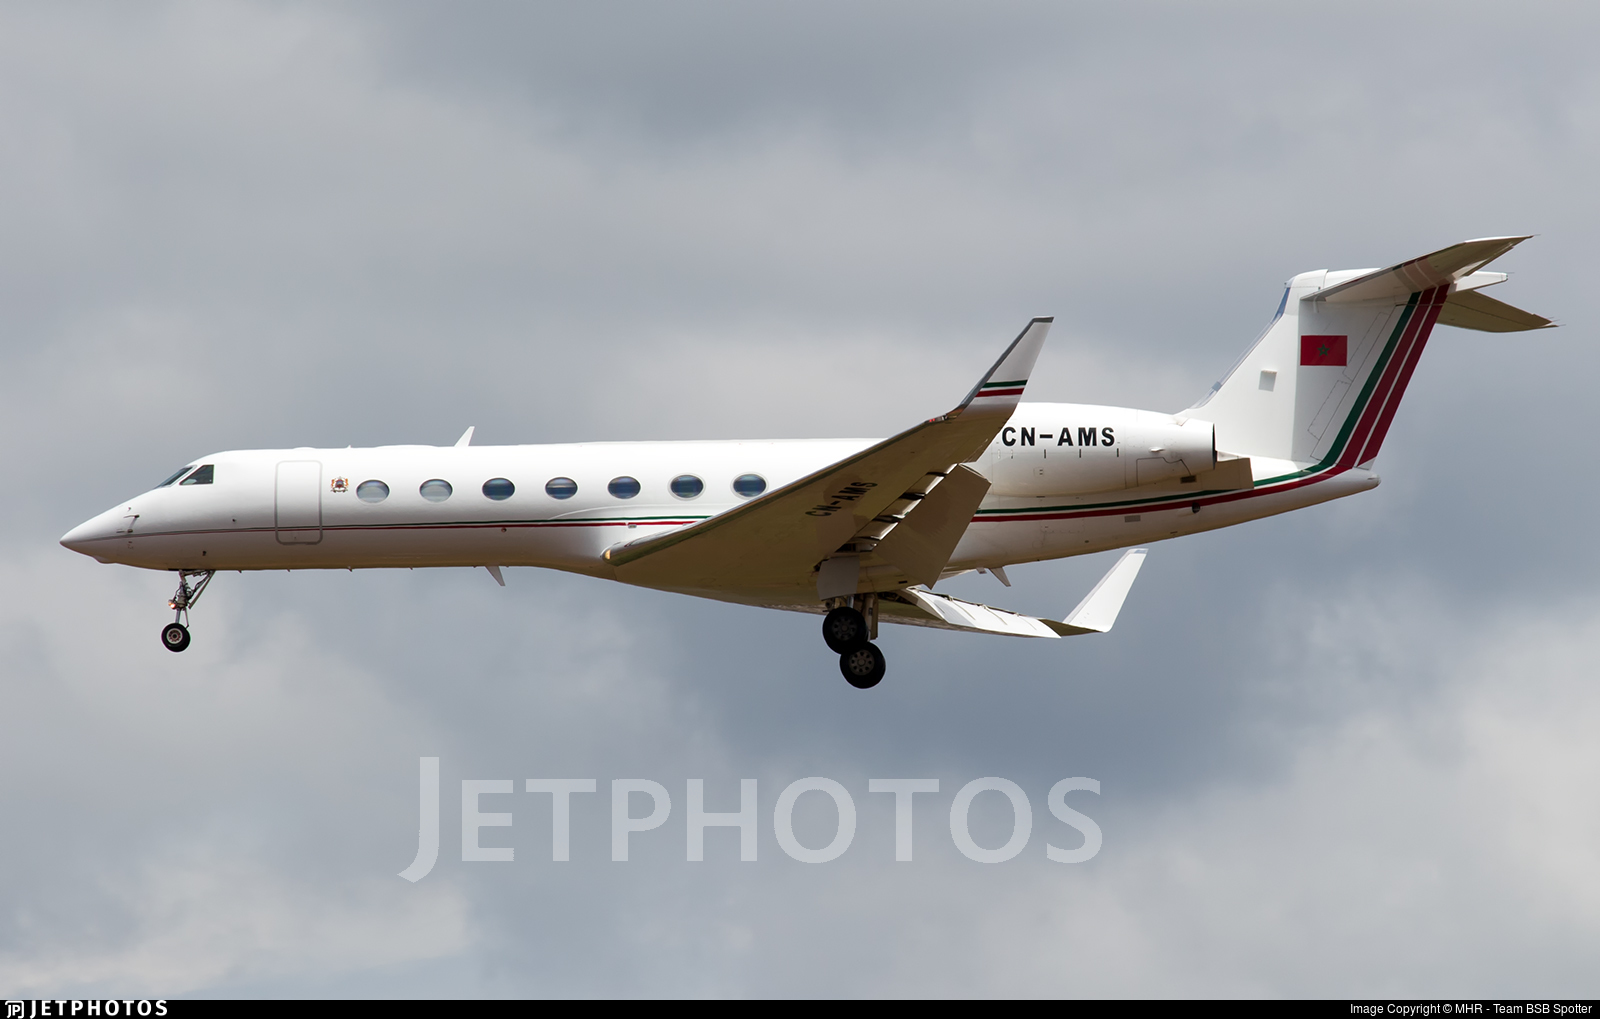 FRA: Avions VIP, Liaison & ECM - Page 19 97432_1521478701